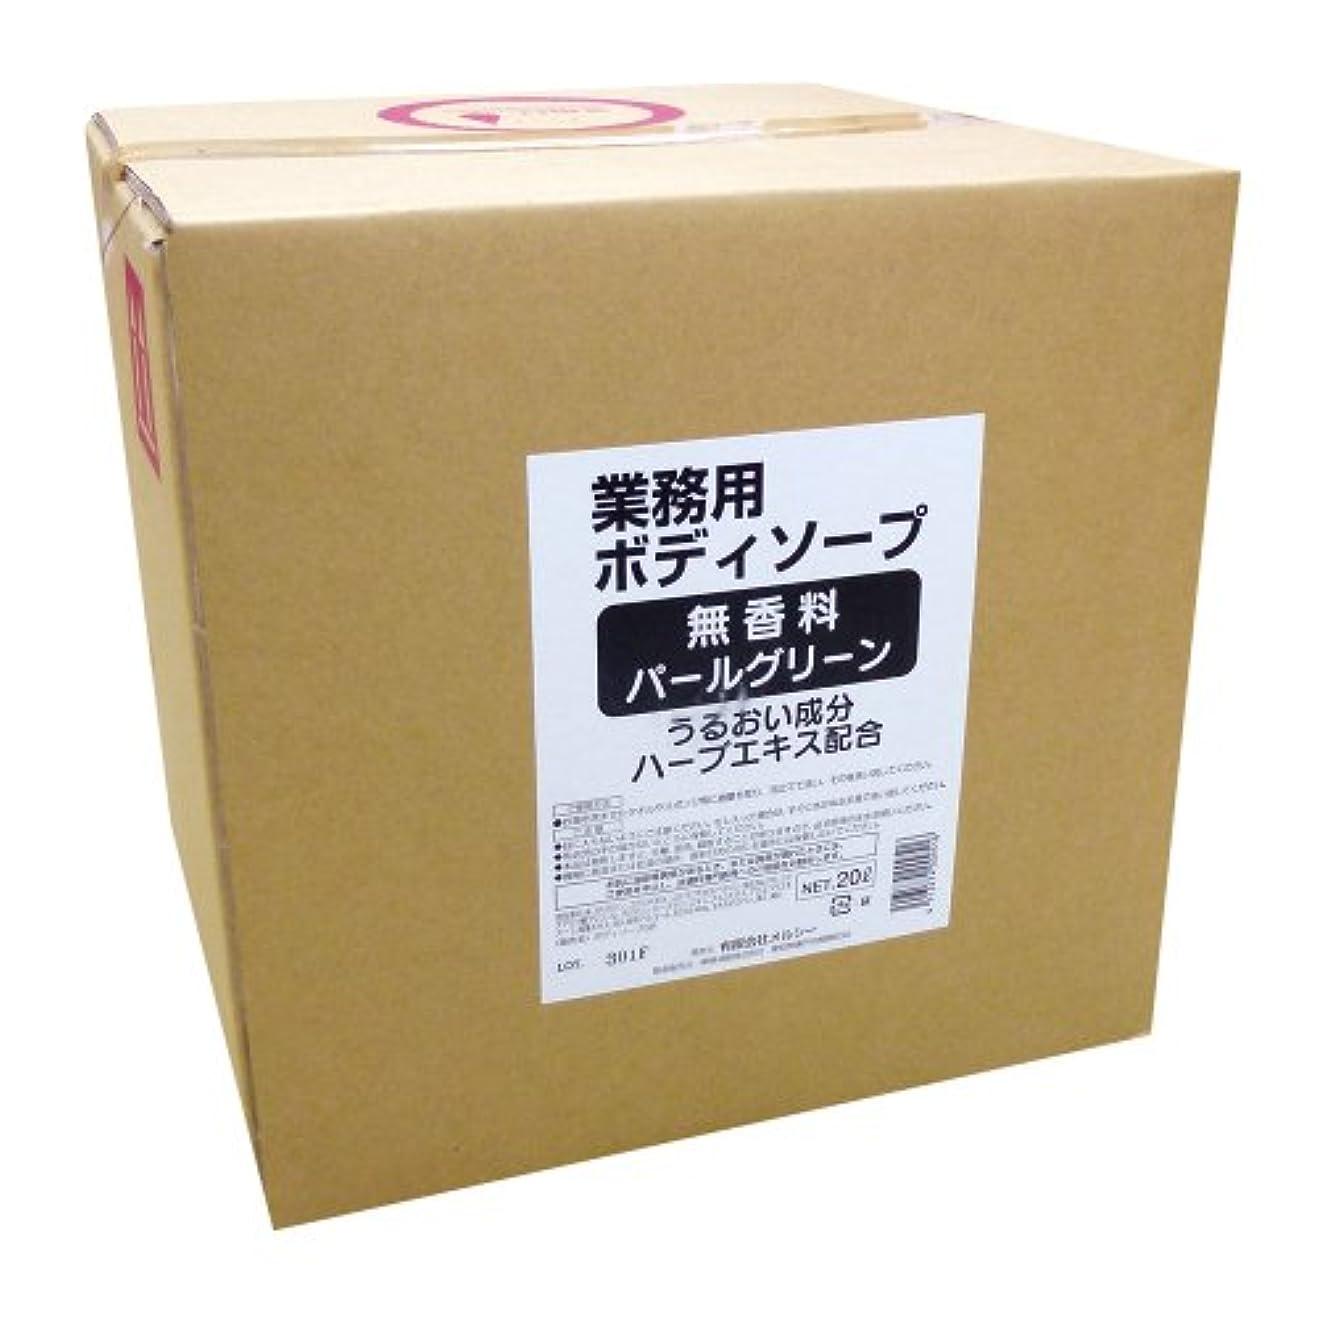 スマート褒賞暴力【業務用】 無香料 ボディソープ 20L